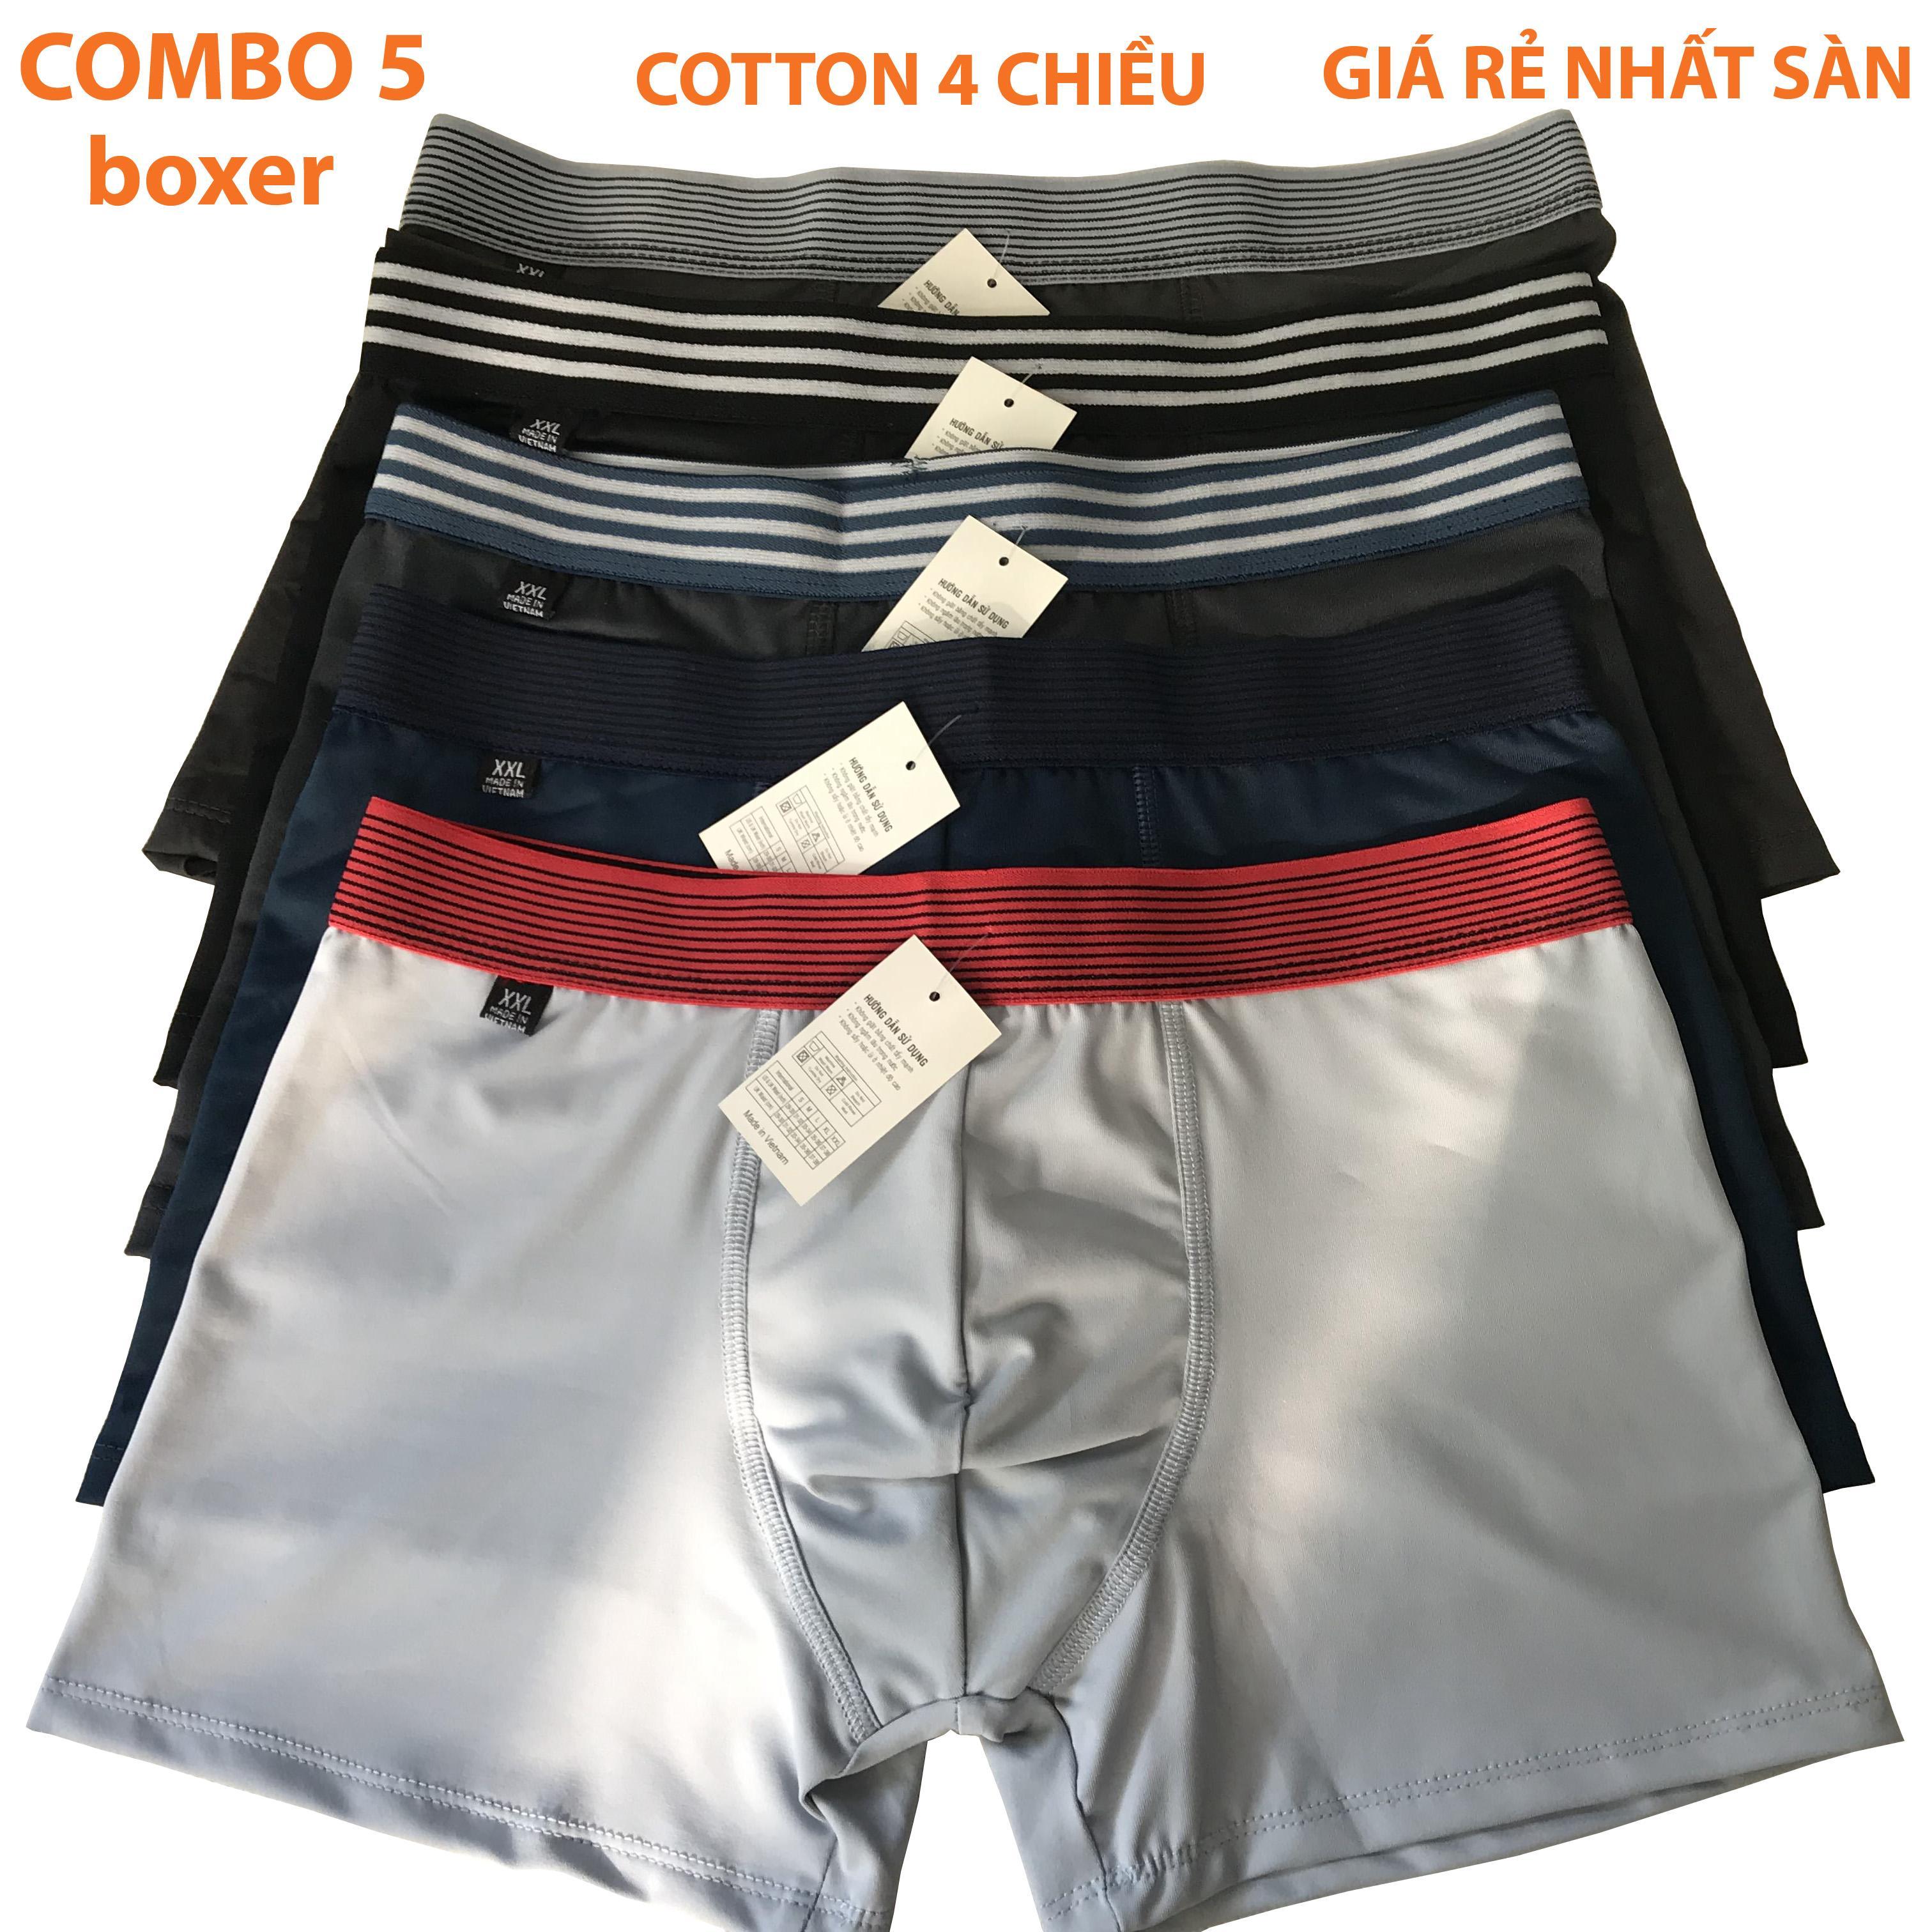 Combo 5 Quần Lót Boxer, Quần Sịp đùi 100% Cotton Co Giản 4 Chiều Thoát Hơi Tốt Bền đẹp Giá Rẻ Cho Nam By Giày Bình An.